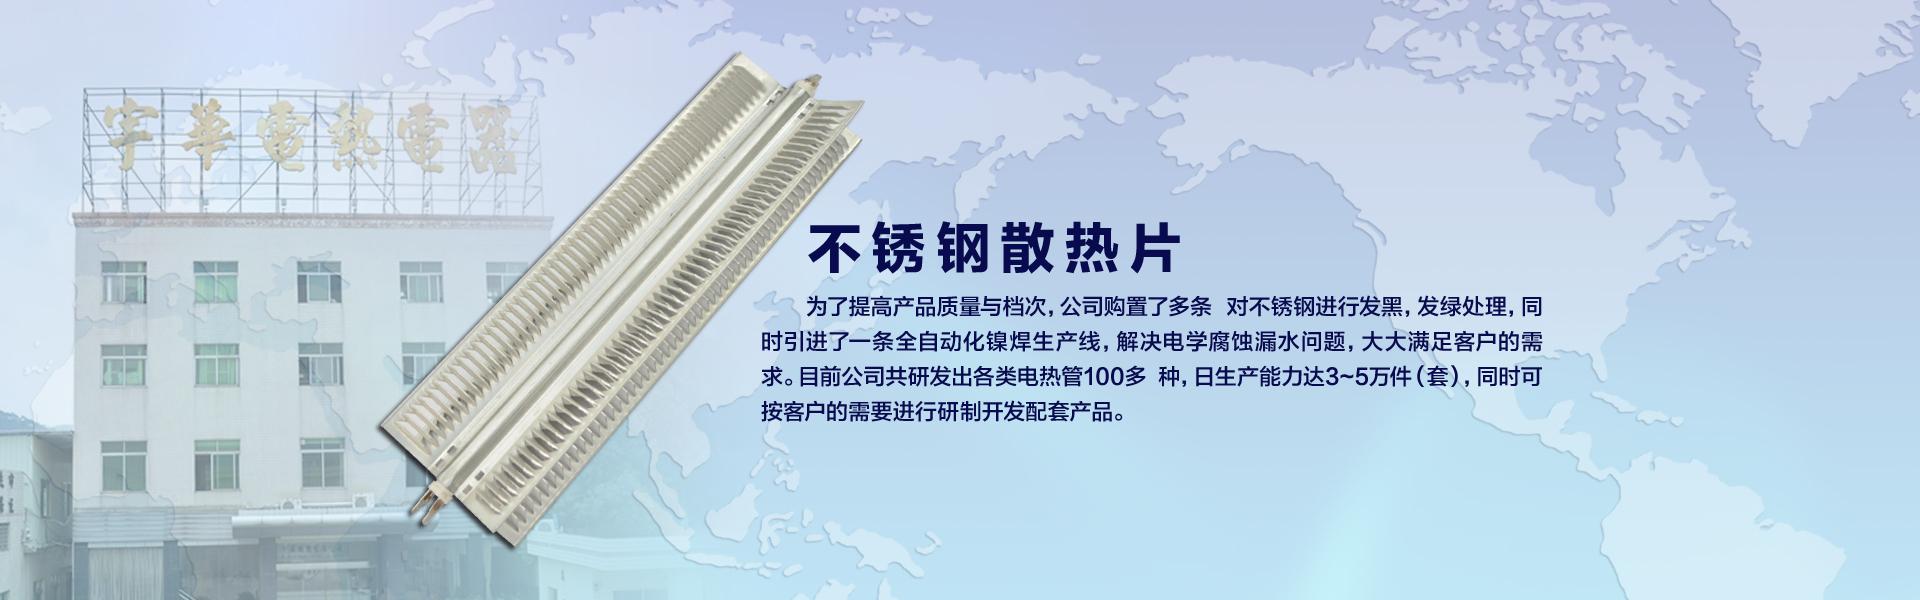 肇庆市宇华电器500万彩票专业生产即热电热水器,家用电热水器,单头电热管,不锈钢电热管和不锈钢电加热管。